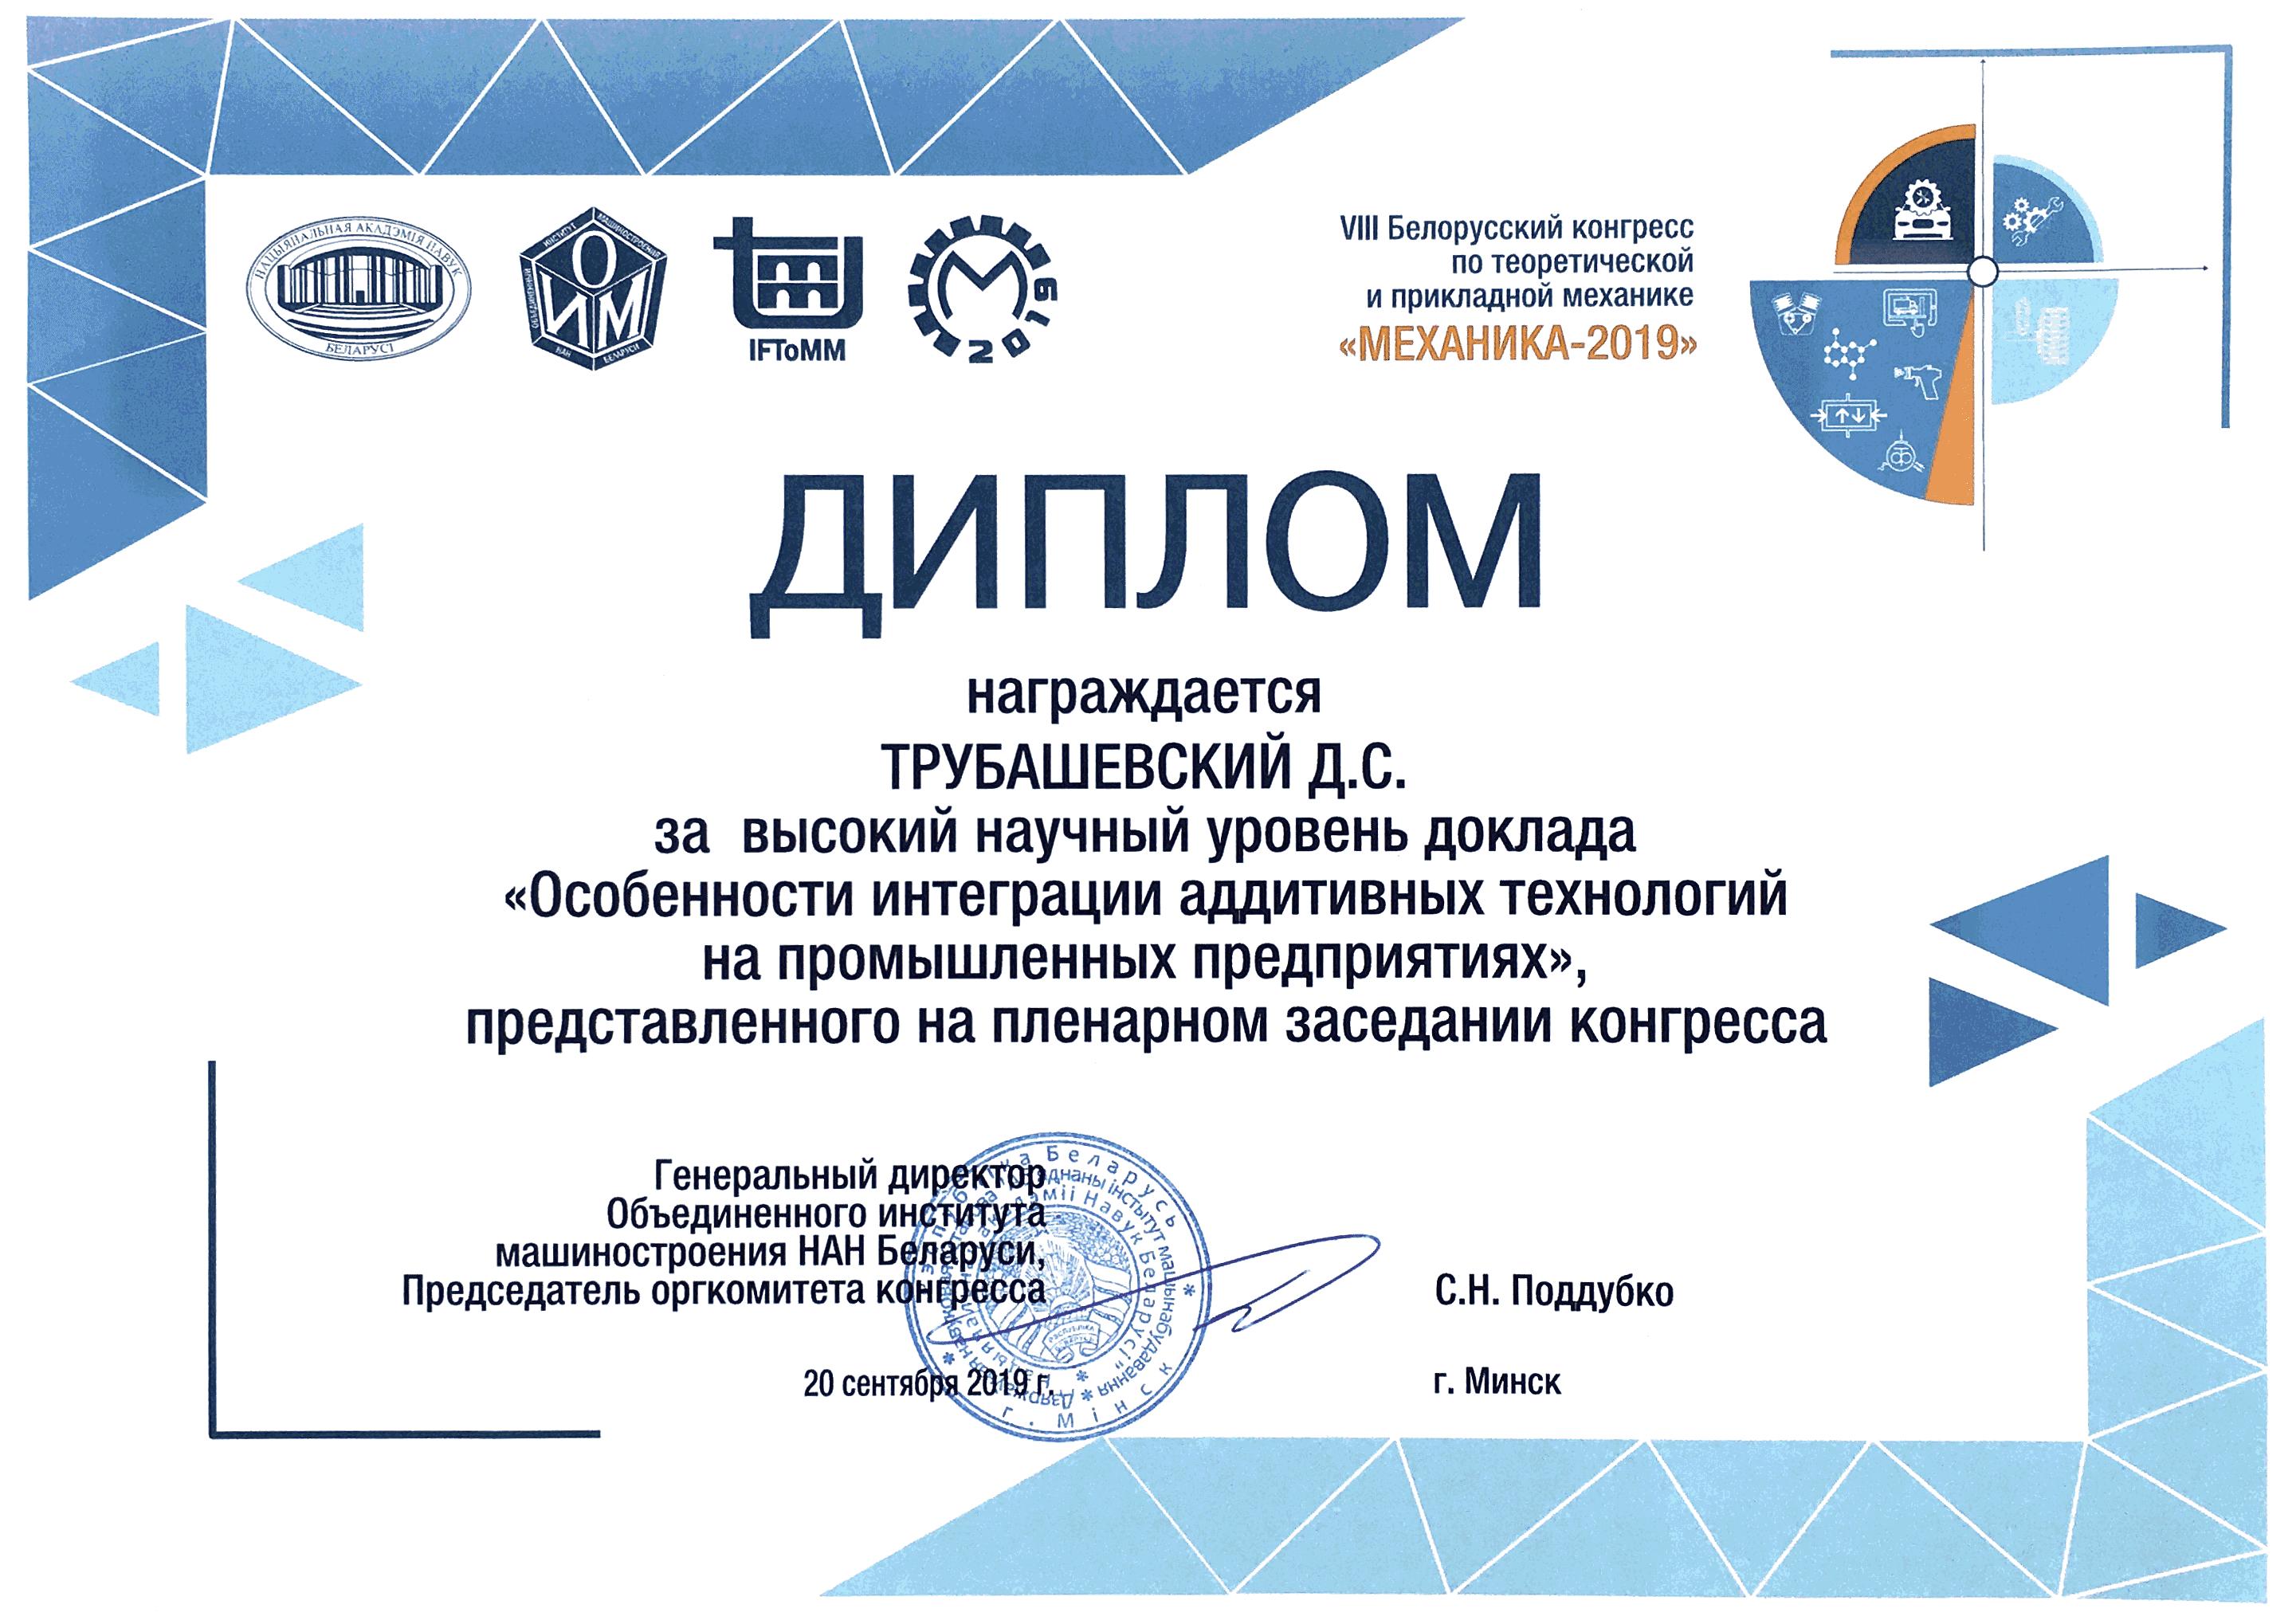 Конгресс «МЕХАНИКА – 2019» (Минск, Беларусь)